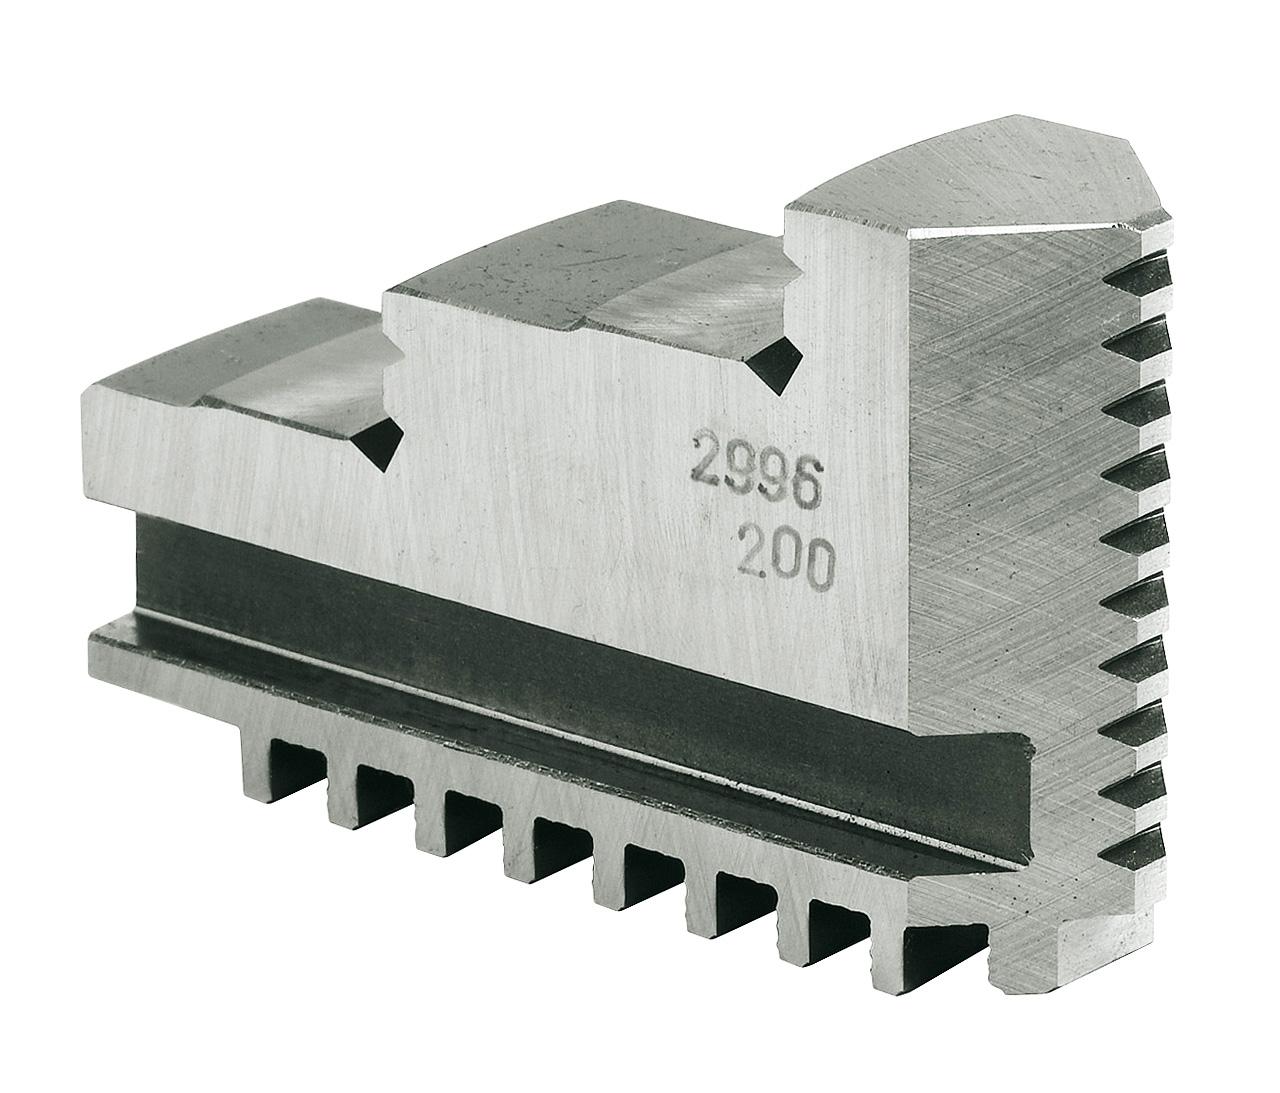 Szczęki jednolite twarde zewnętrzne - komplet OJ-PS3-630 BERNARDO